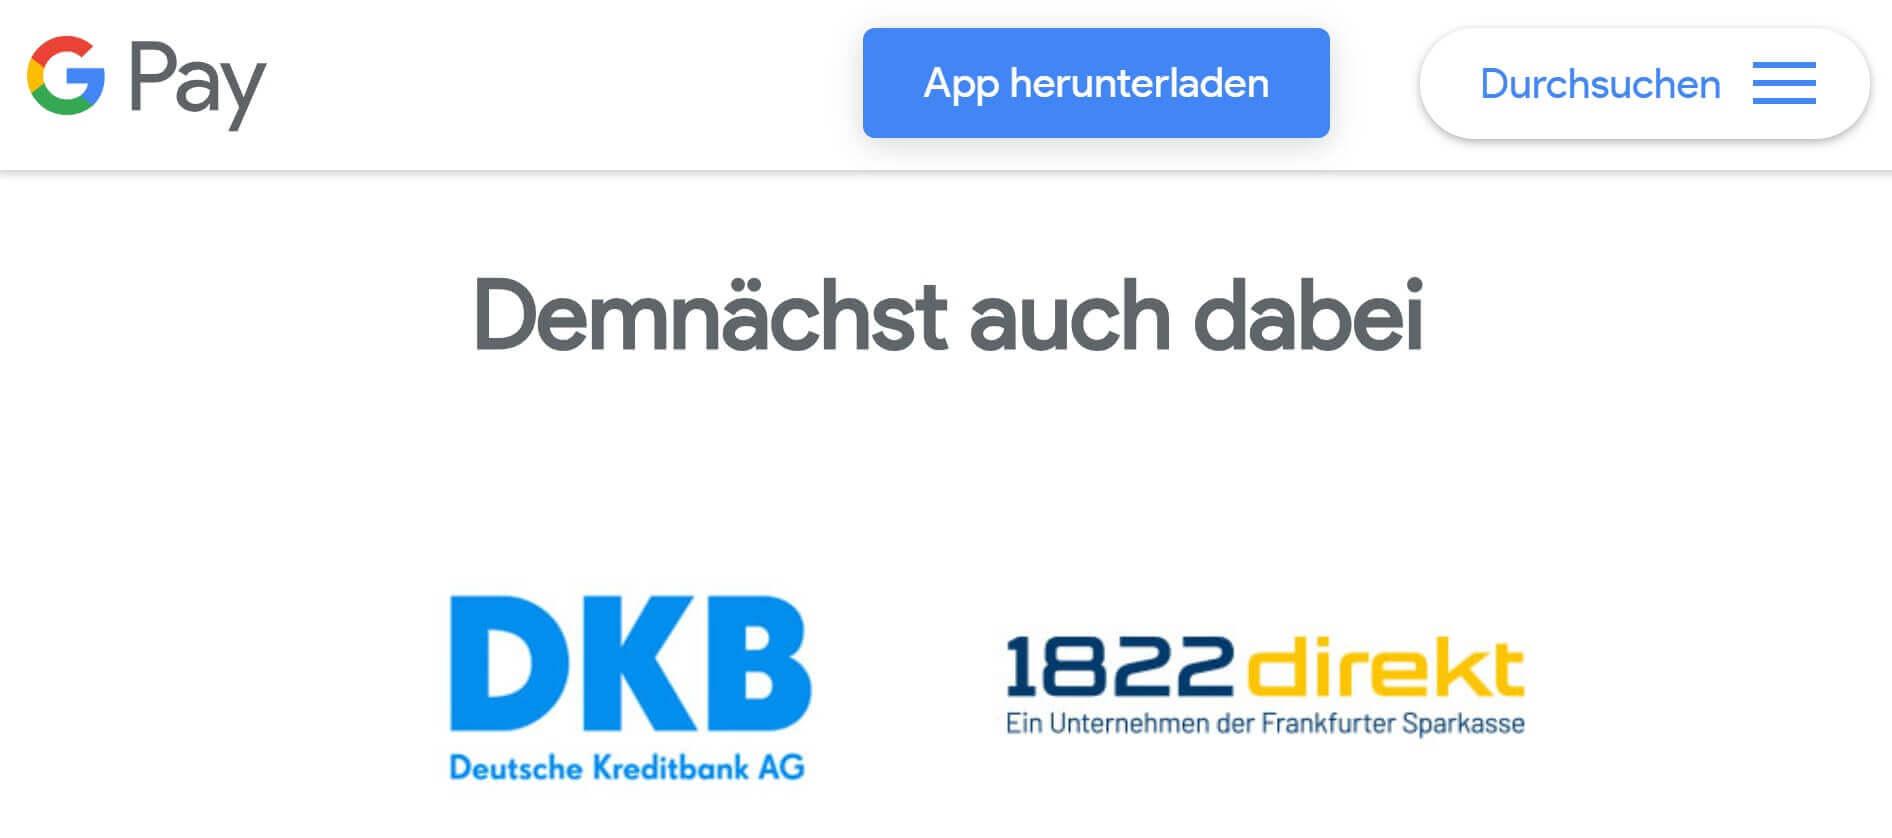 dkb-googlepay-baldstart